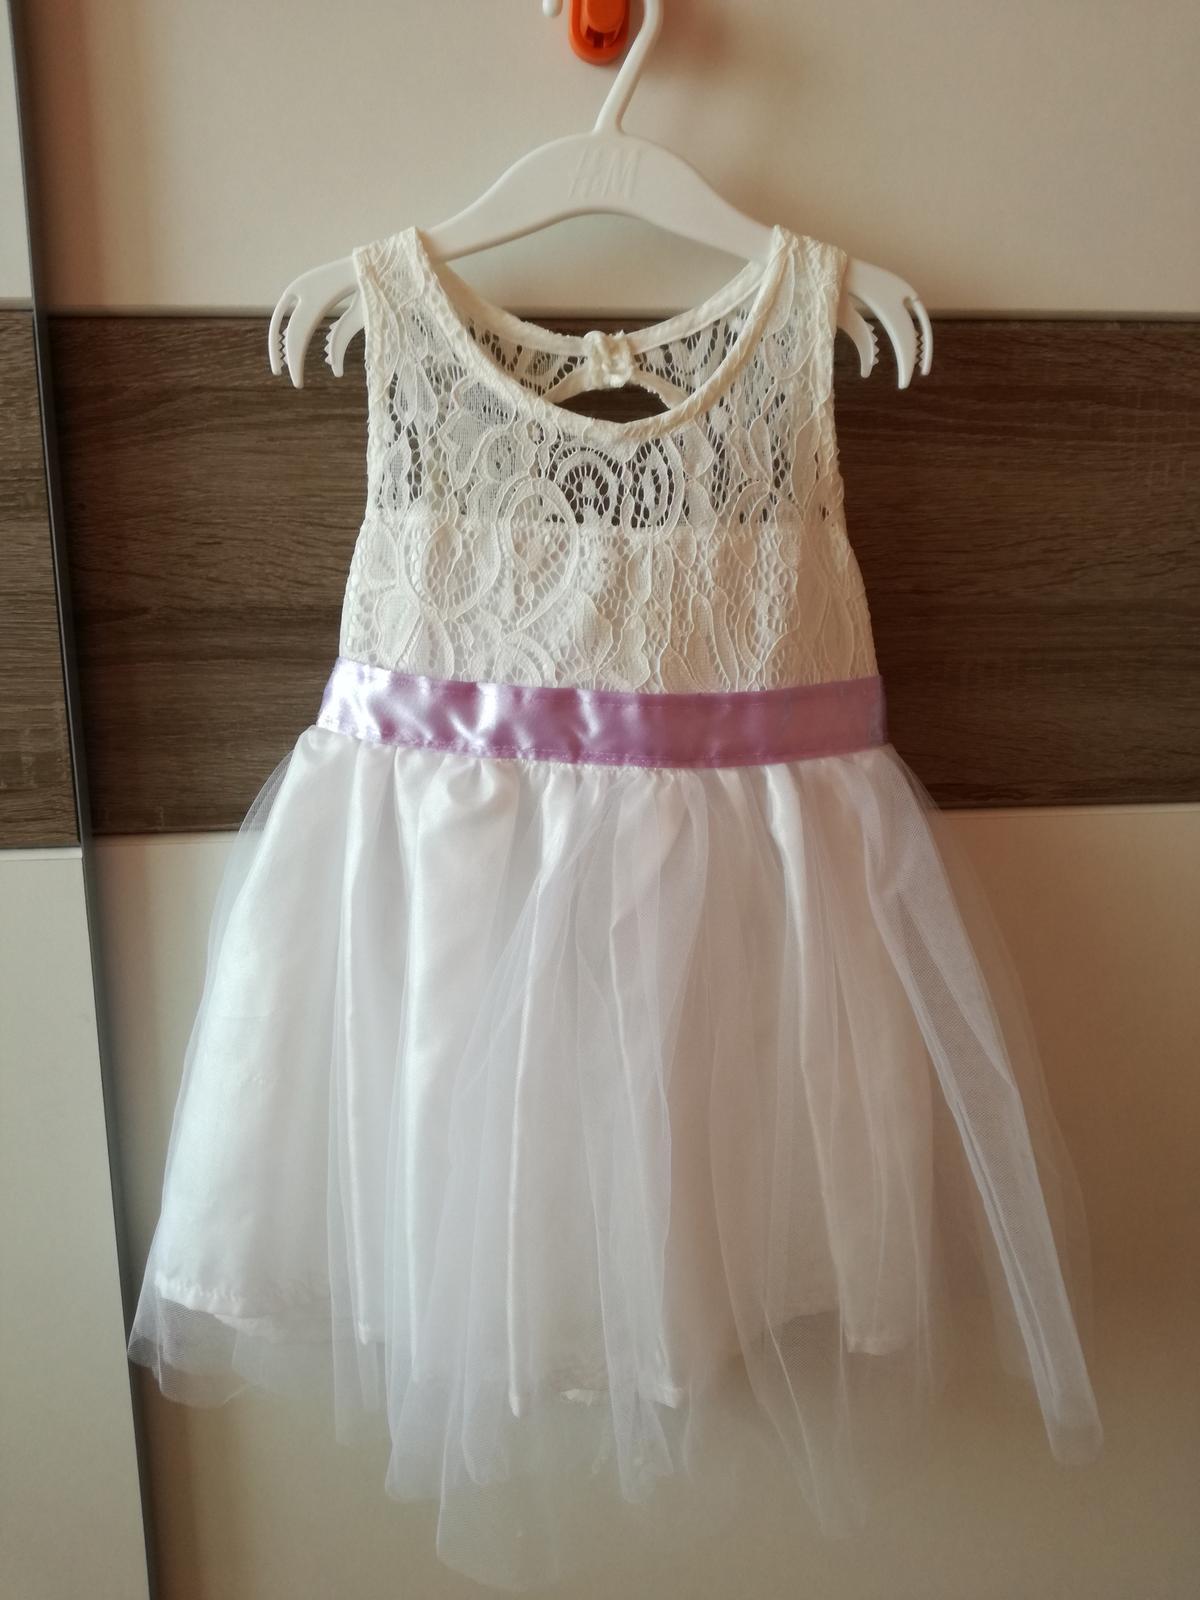 ba5ff39540f Dětské šaty pro družičku - sněhově bílé s fialovou